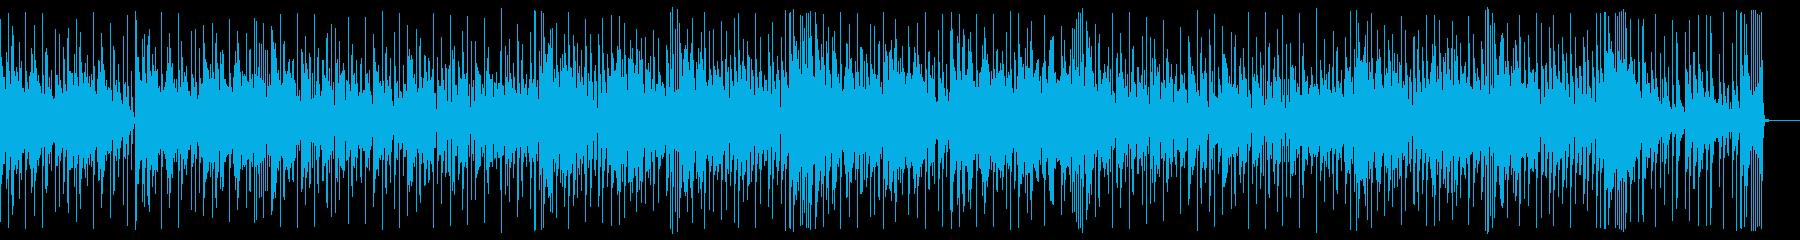 切なくて気だるい感じのBGMの再生済みの波形